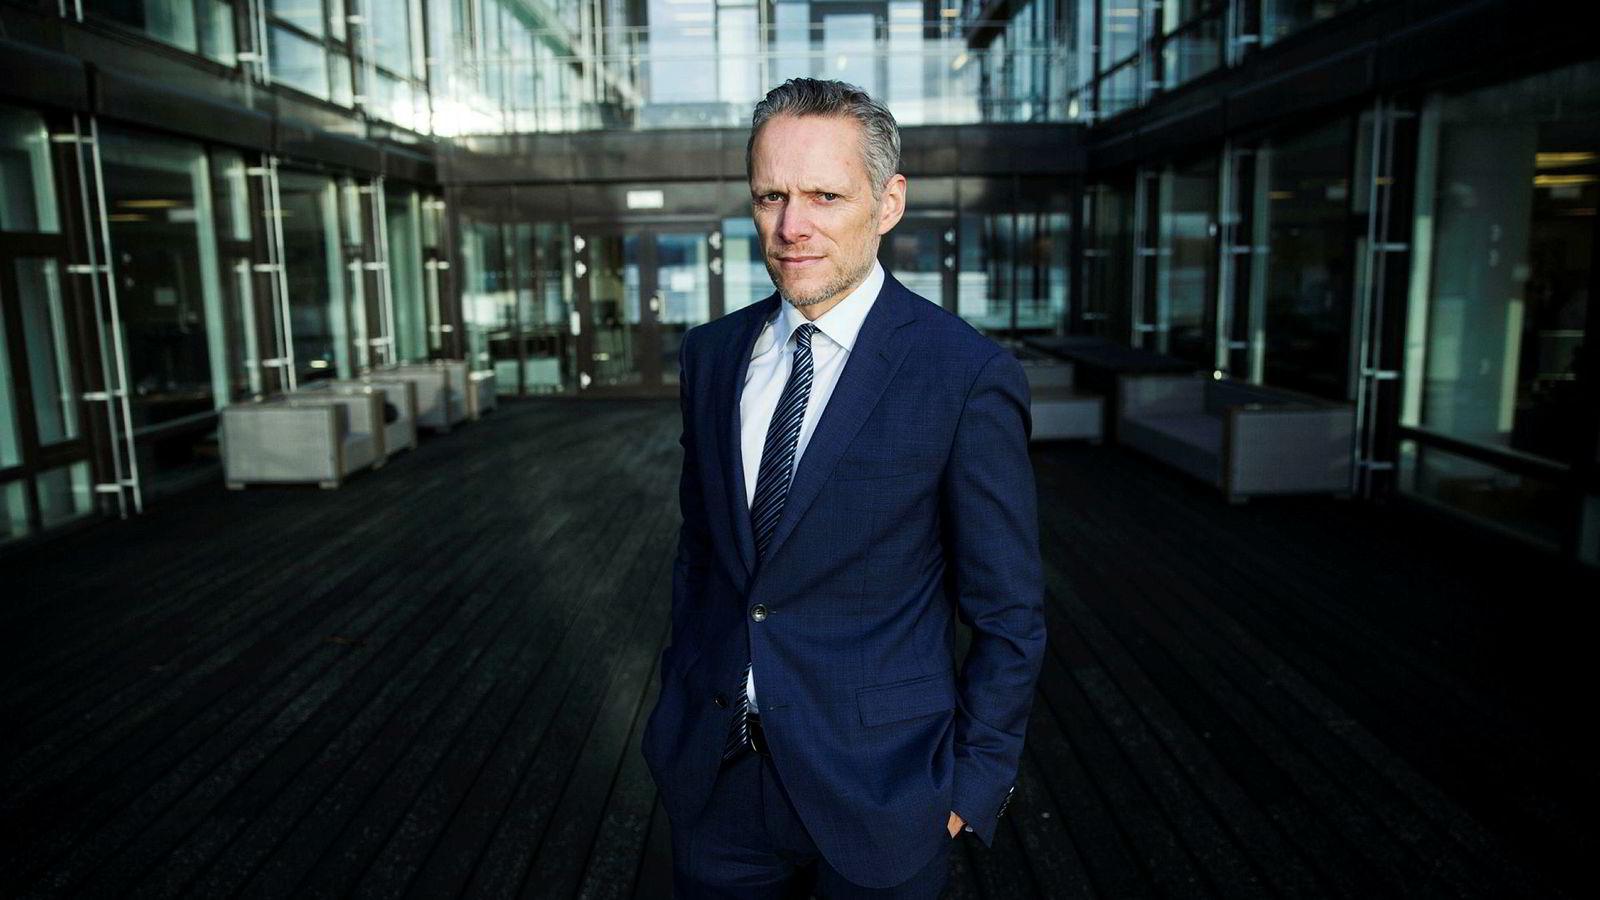 – Utviklingen de siste månedene legger ikke bare grunnlaget for potensielt større kursfall, men også for et mulig himmelsk rally, sier sjefstrateg i Danske Bank, Christian Lie.